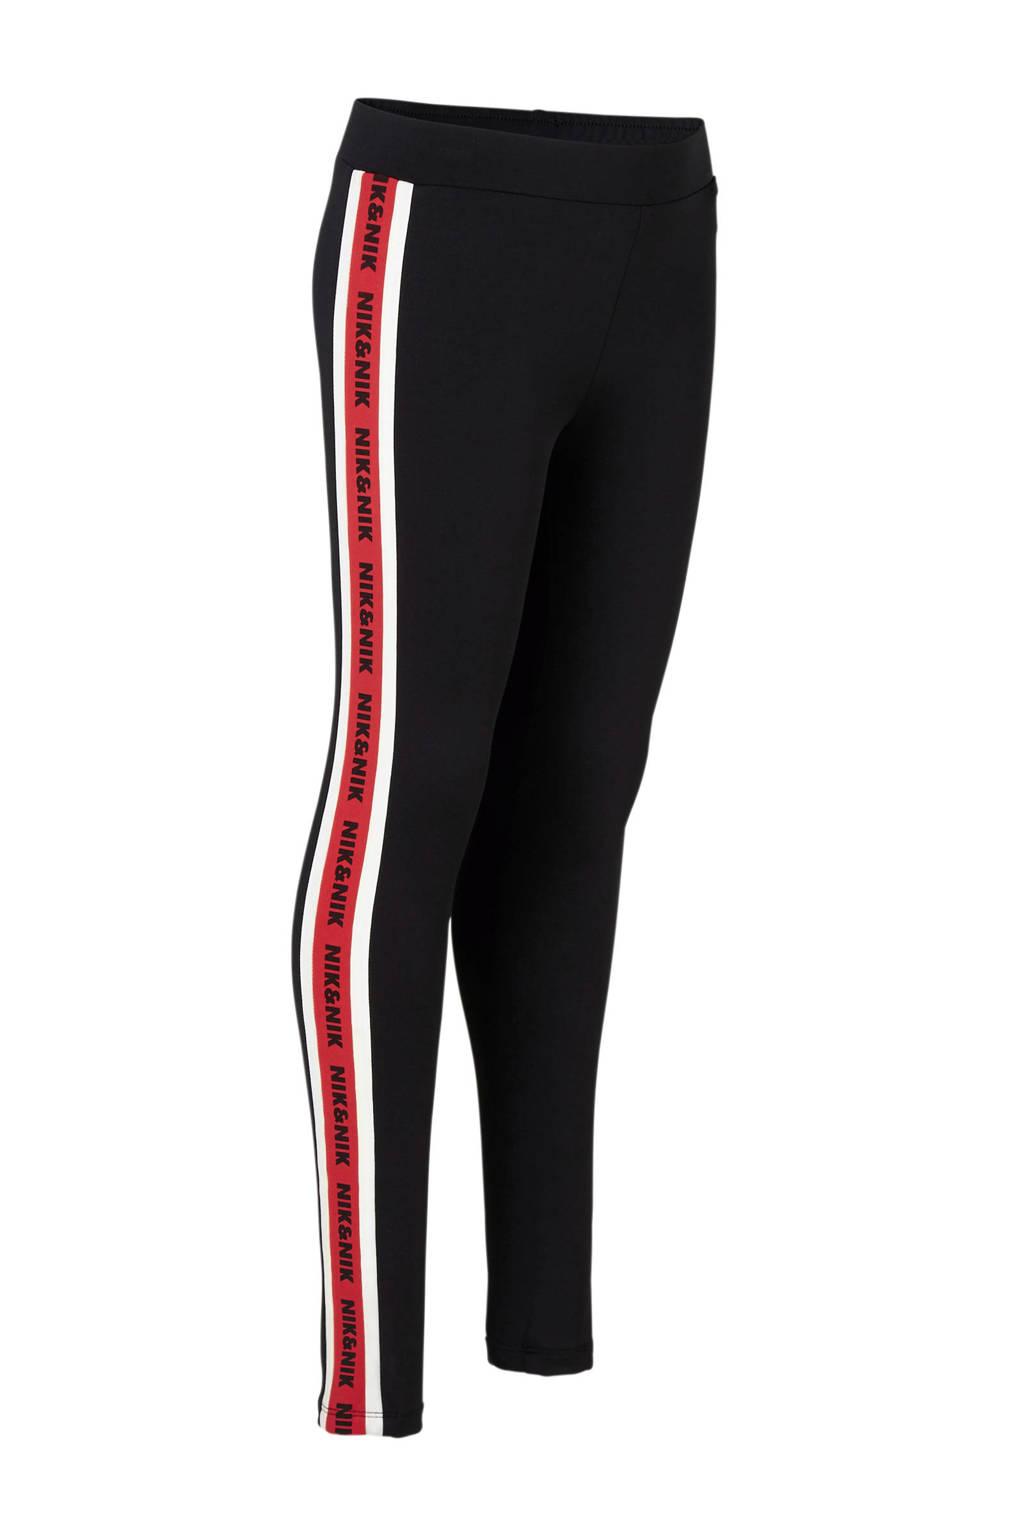 NIK&NIK legging Feya zwart, Zwart/rood/offwhite